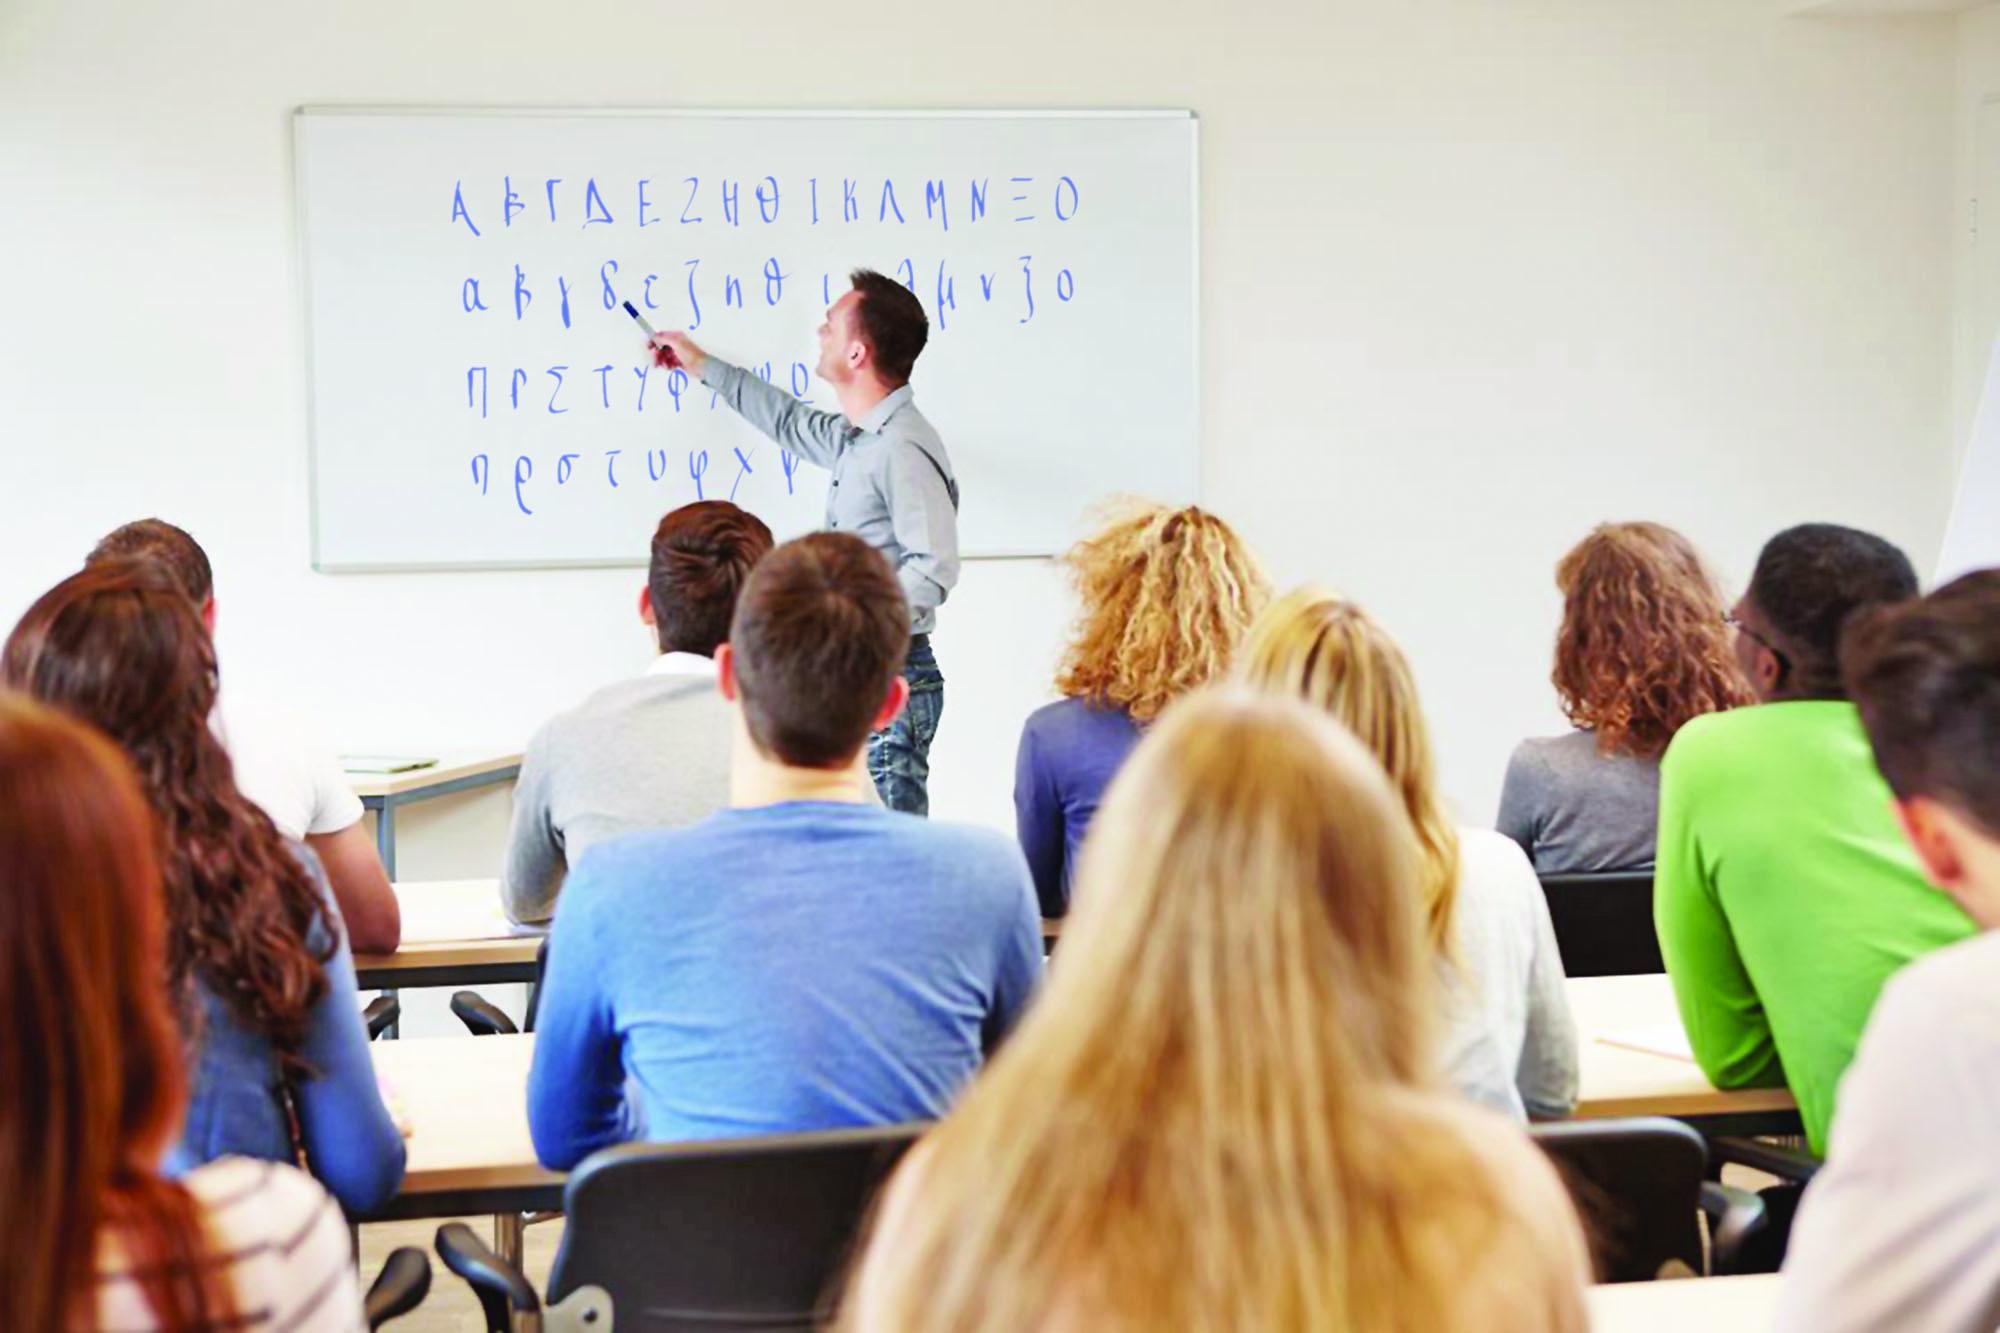 Διδασκαλία της Ελληνικής γλώσσας ως Δεύτερης/ Ξένης  Γλώσσας